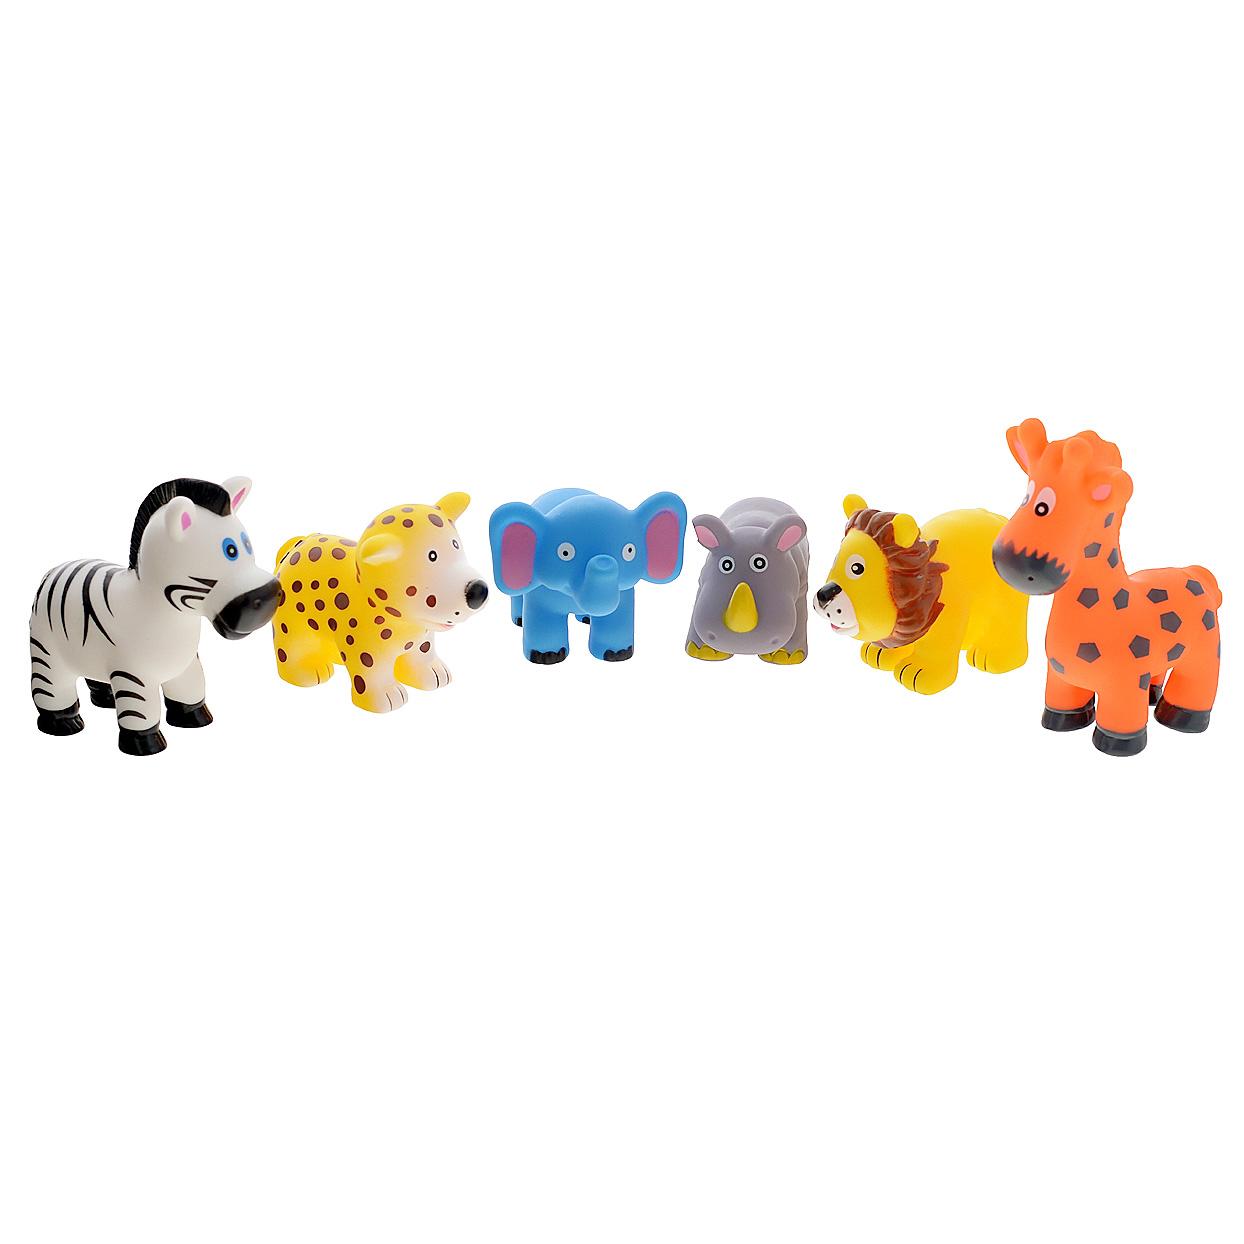 Набор игрушек для ванны Курносики Животные Африки, набор №225133_набор №2Набор игрушек для ванны Курносики Животные Африки, непременно, понравится вашему ребенку и превратит купание в веселую игру! В набор входят шесть ярких игрушек, выполненных из ПВХ в виде очаровательных животных. Если сжать их во время купания в ванне, они начинают забавно брызгаться водой. Набор игрушек для ванны Курносики Животные Африки способствует развитию у ребенка воображения, цветового восприятия, тактильных ощущений и мелкой моторики рук. Оригинальный стиль и великолепное качество исполнения делают этот набор чудесным подарком к любому празднику, а жизнерадостные образы представят его в самом лучшем свете. Набор состоит из фигурок:зебры, жирафа, слоненка, льва, бегемота и леопарда.